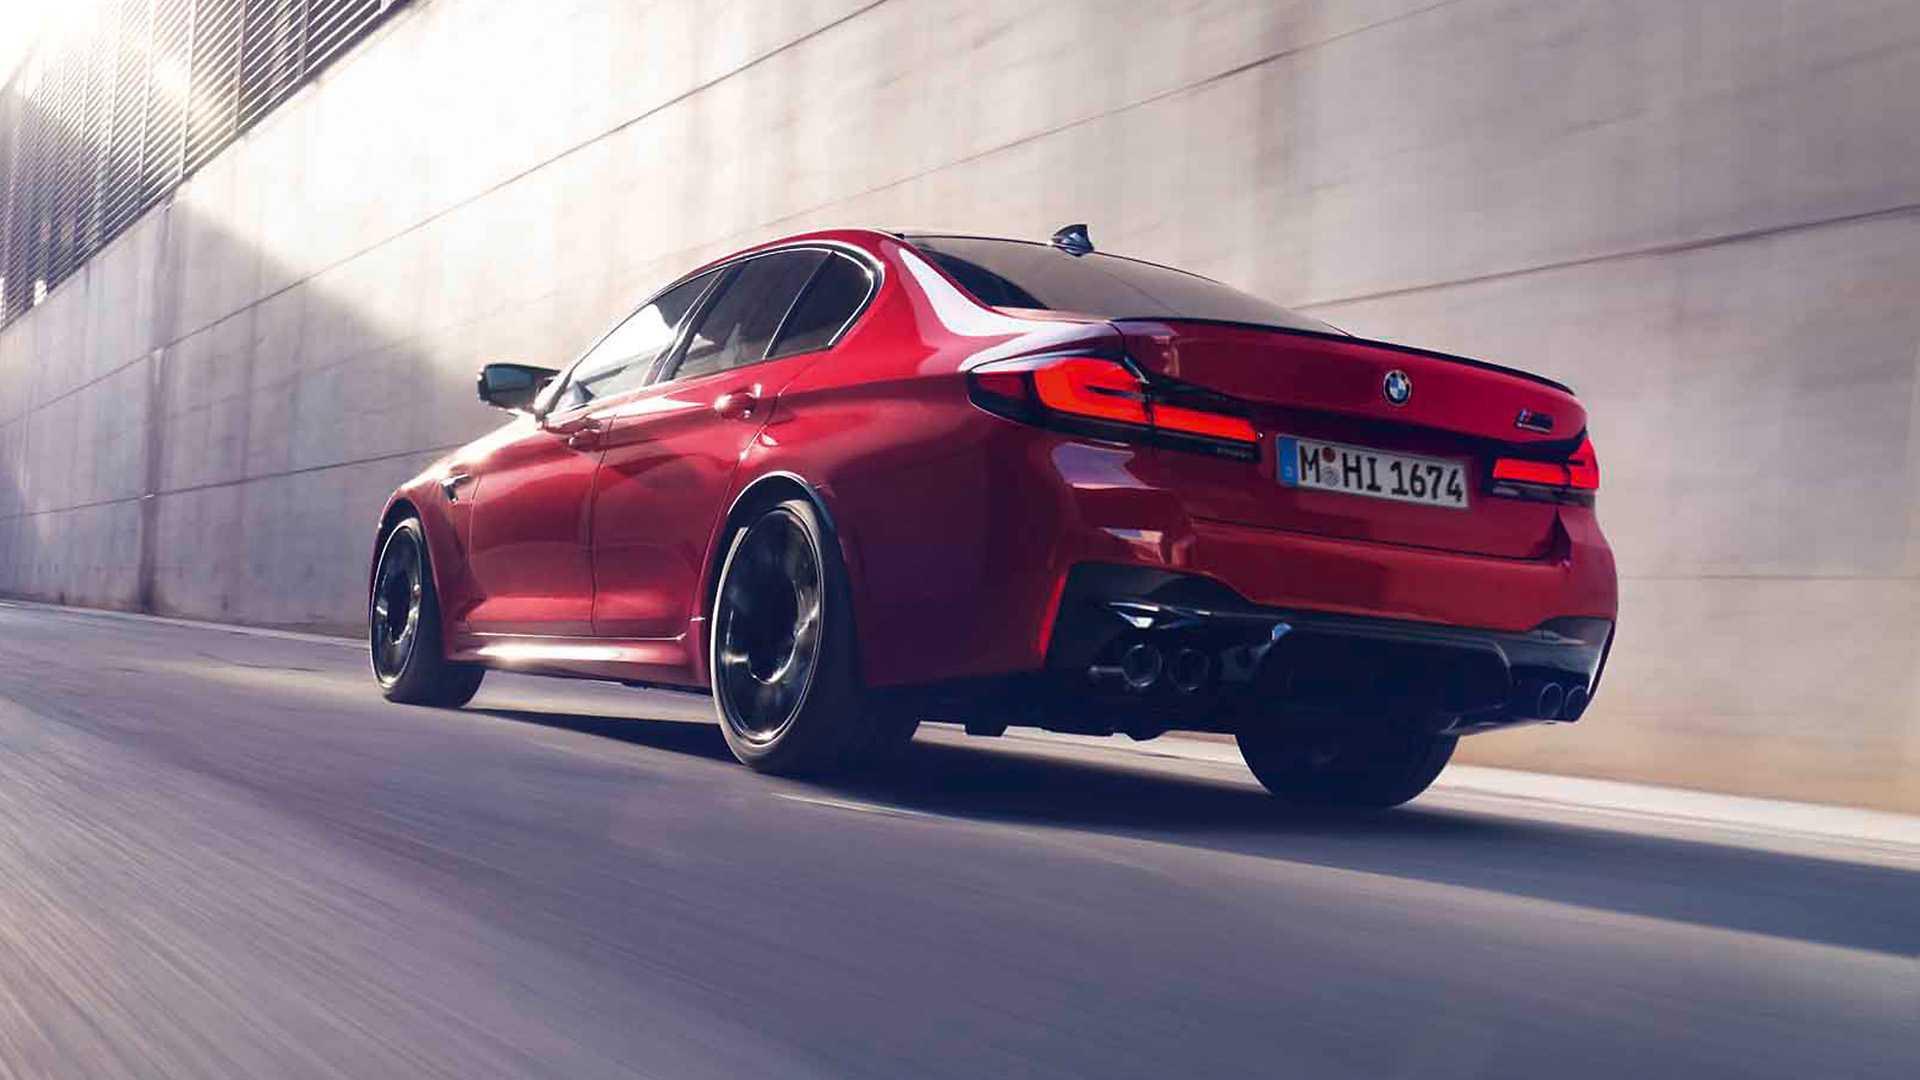 ¿Te imaginas un BMW M5 eléctrico con 1.000 CV? Puede ser realidad...